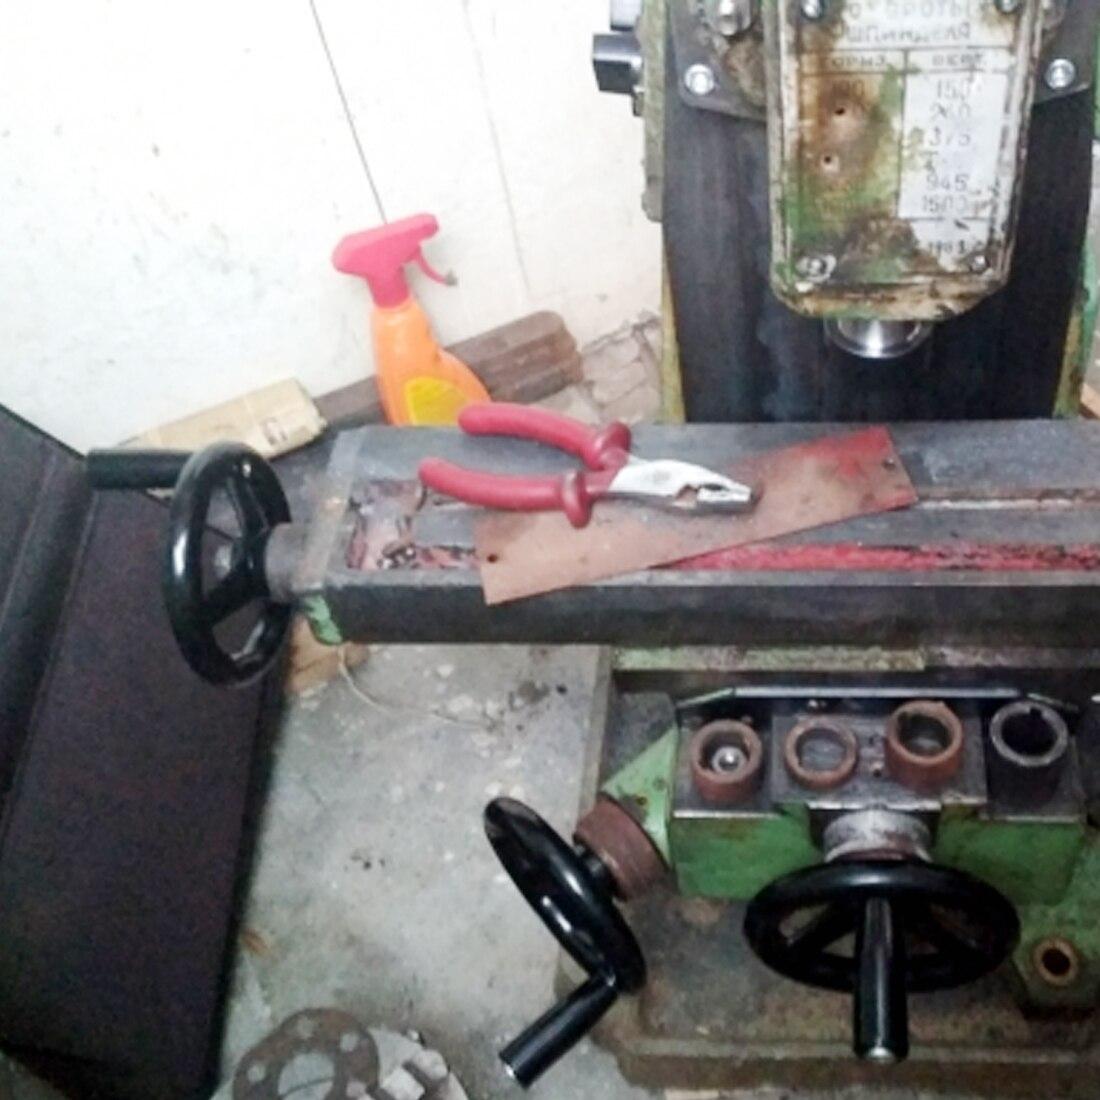 Черный фрезерный станок с ЧПУ Токарный станок с ЧПУ для 3D-принтеры со спицами маховик волнистые круглый бакелит три штурвал задвижки 100/125/160/200/250 мм